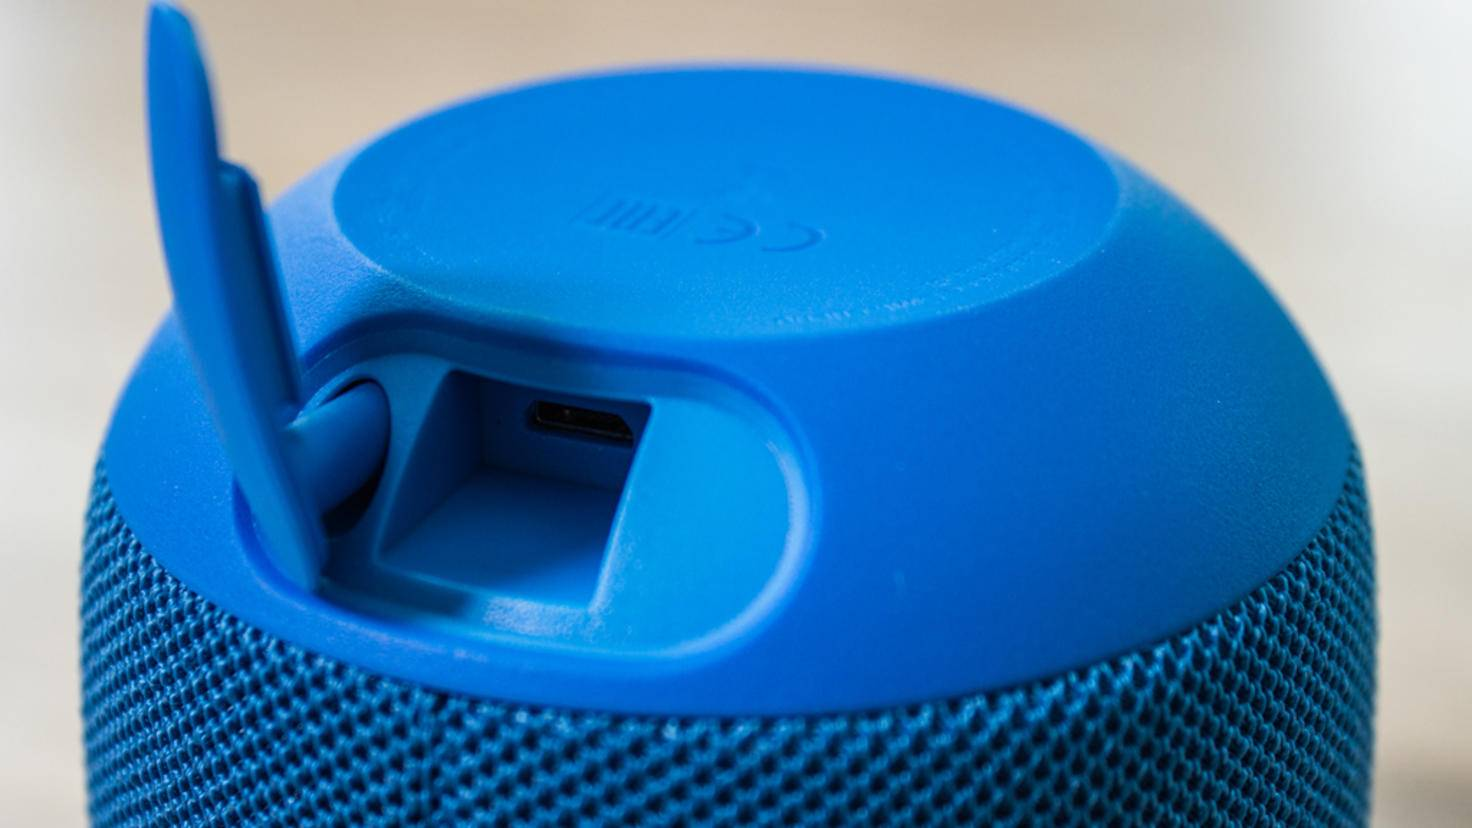 Geladen wird per mitgeliefertem Mikro-USB-Kabel.